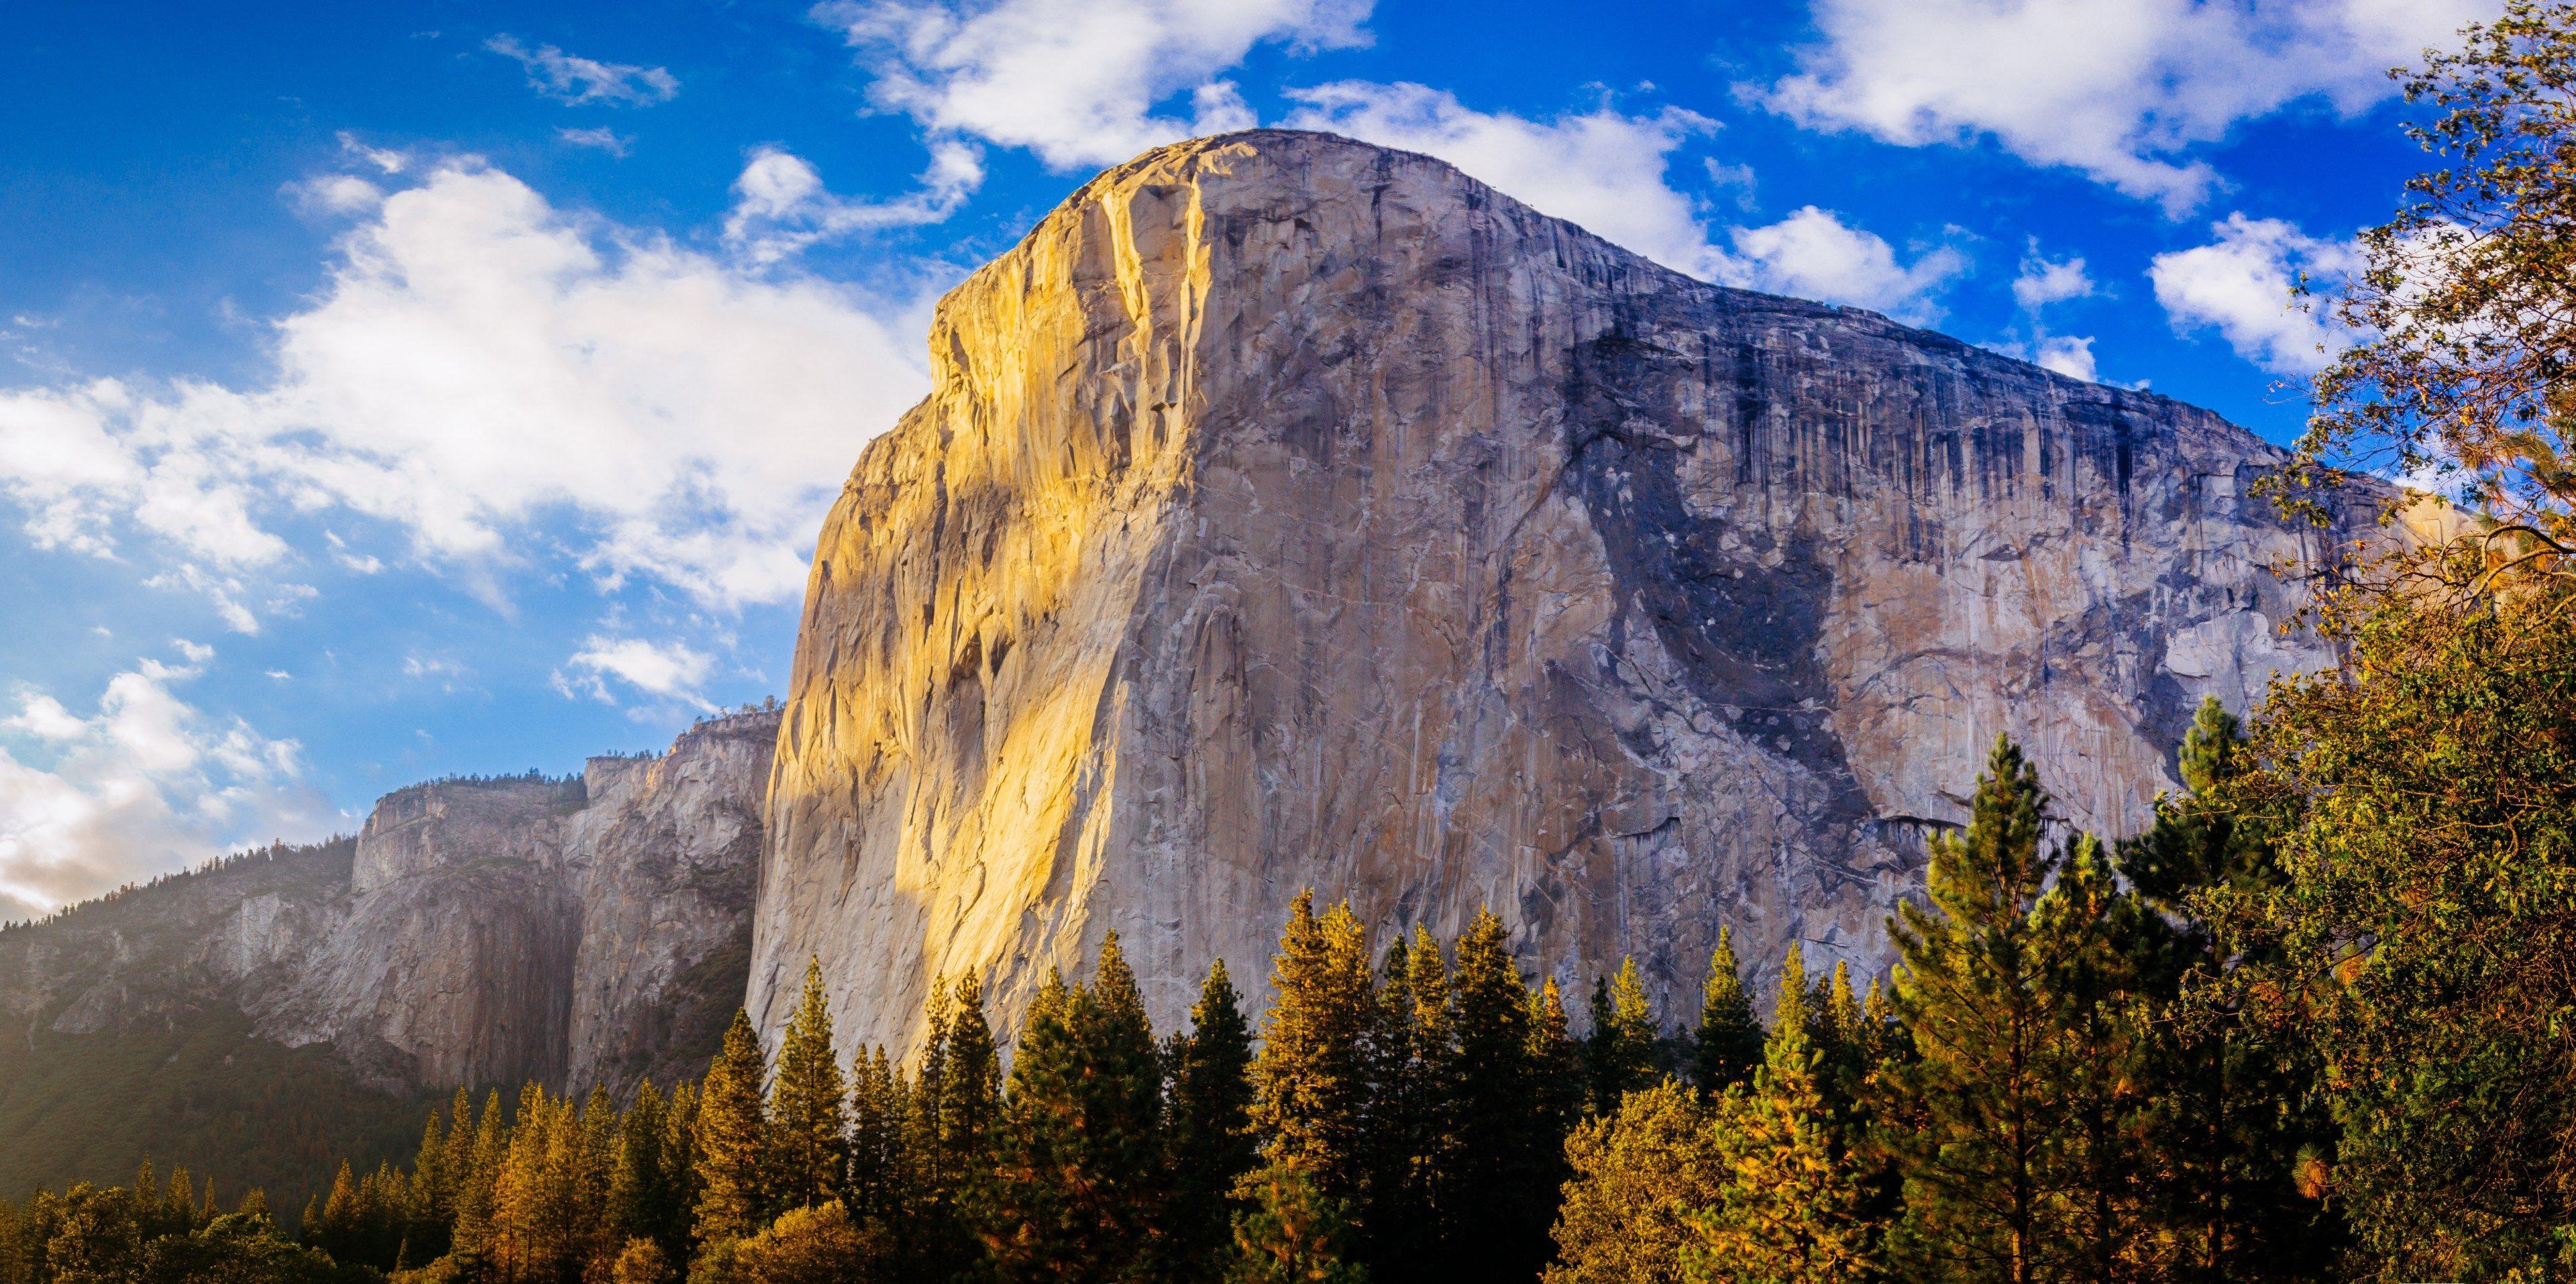 El Capitan Wallpapers Top Free El Capitan Backgrounds